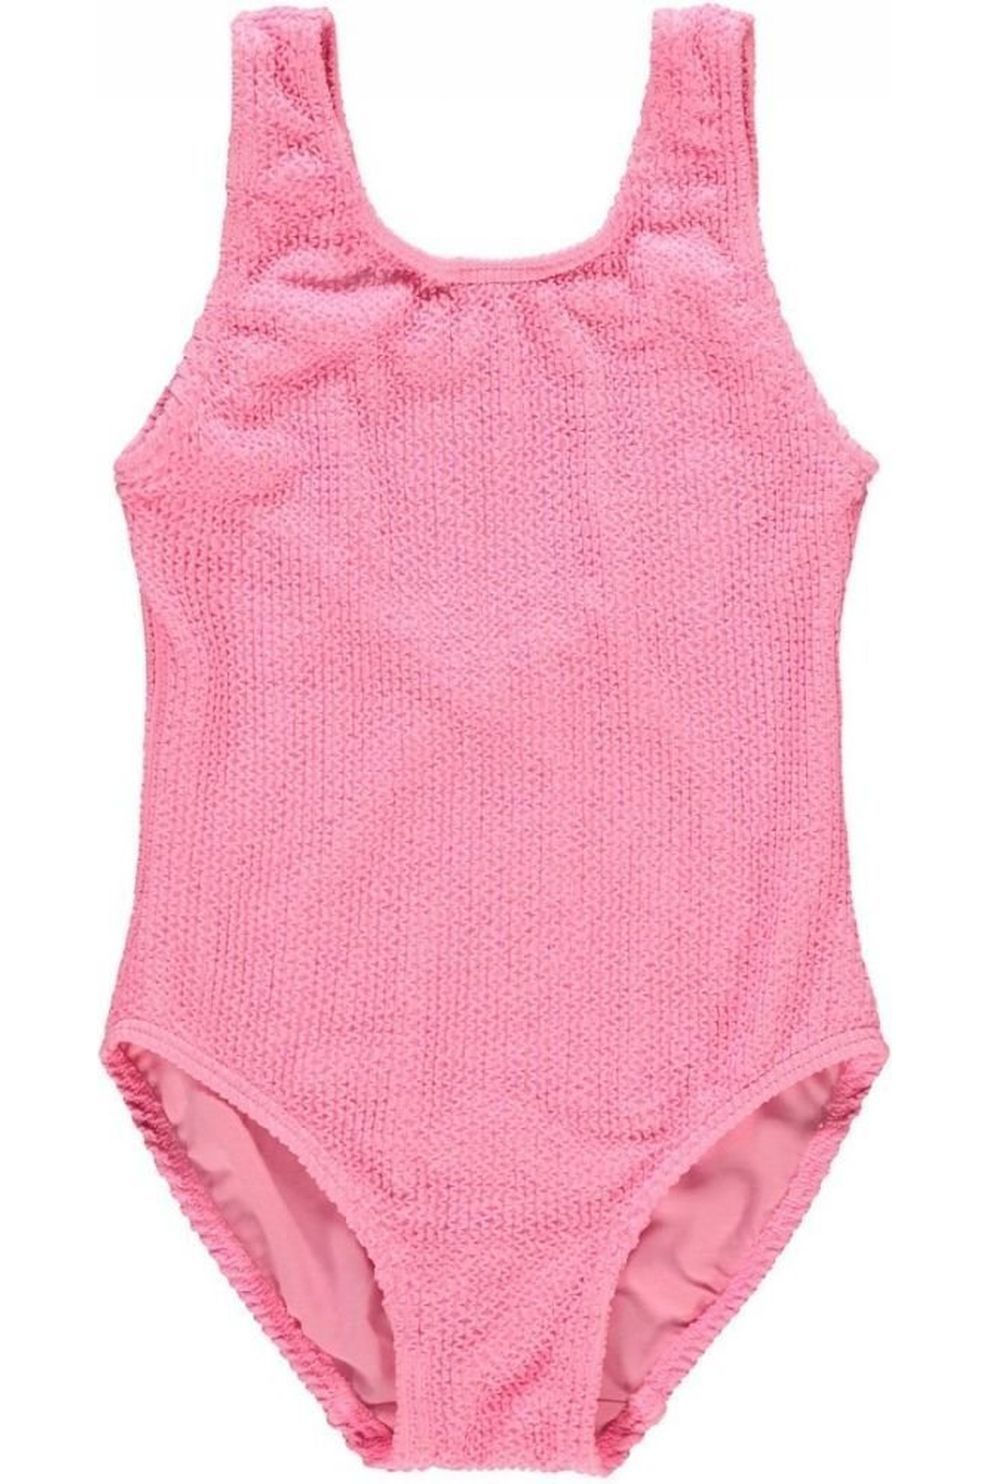 NAME IT Badpak Zenia voor meisjes - Roze - Maten: 116, 128, 140, 152, 164